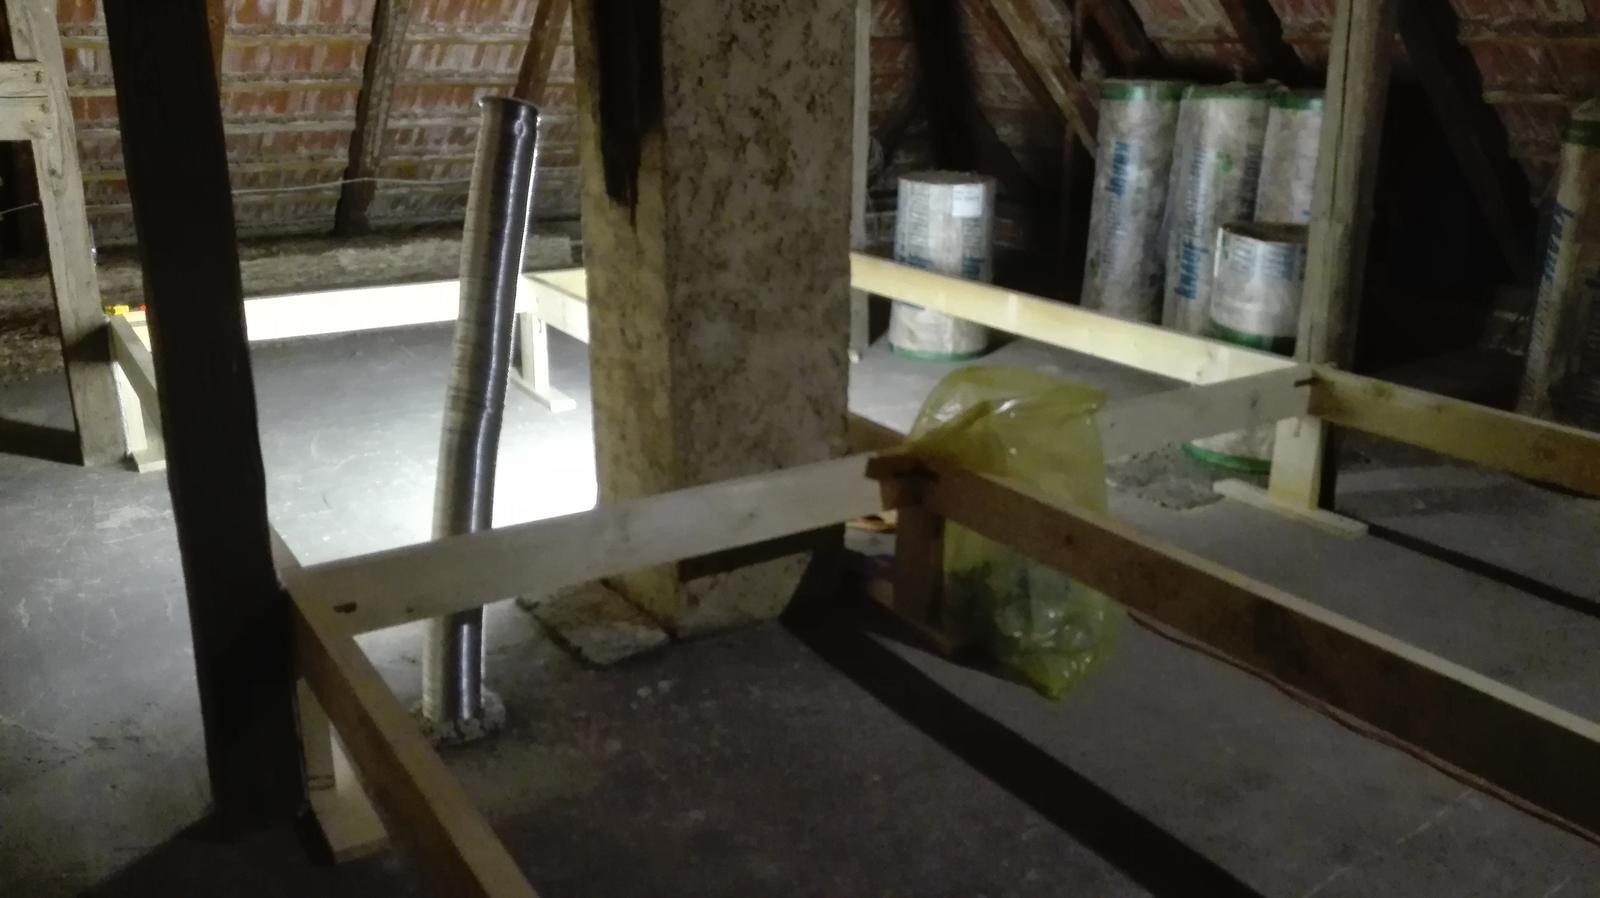 Zlepsenie tepelnoizolacnych vlastností tramoveho stropu - Obrázok č. 6